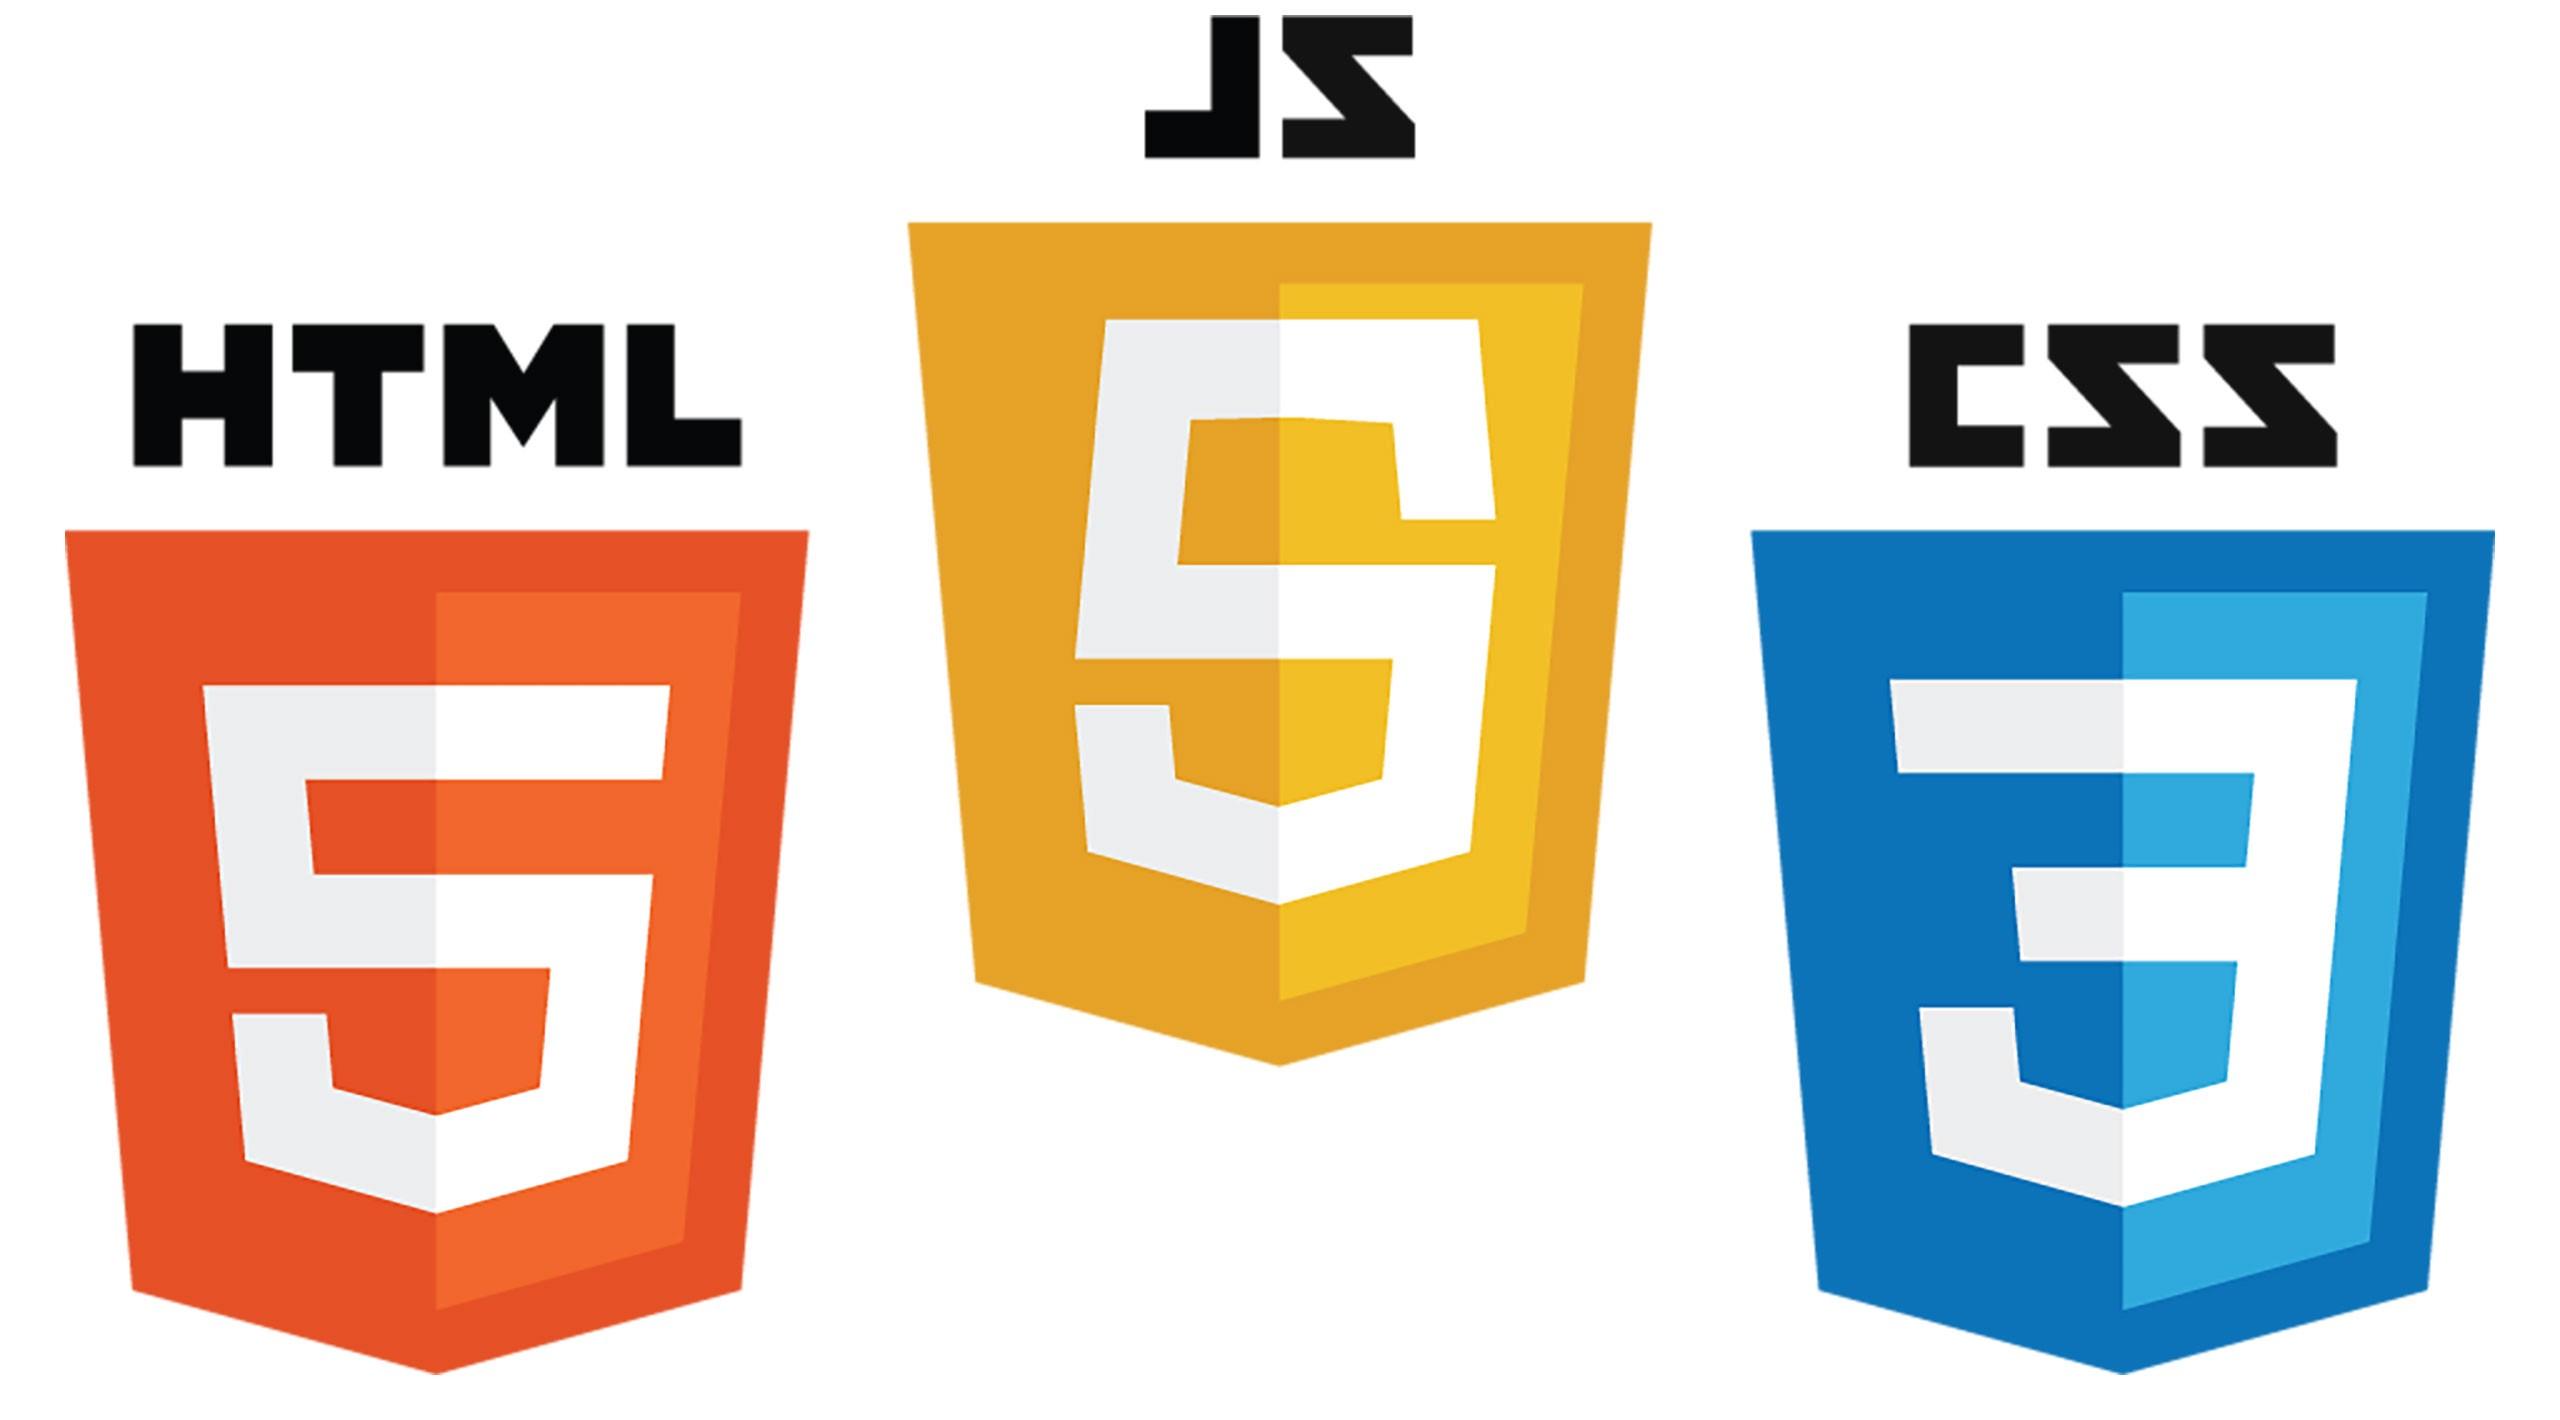 Thiết kế web căn bản - HTML CSS JS